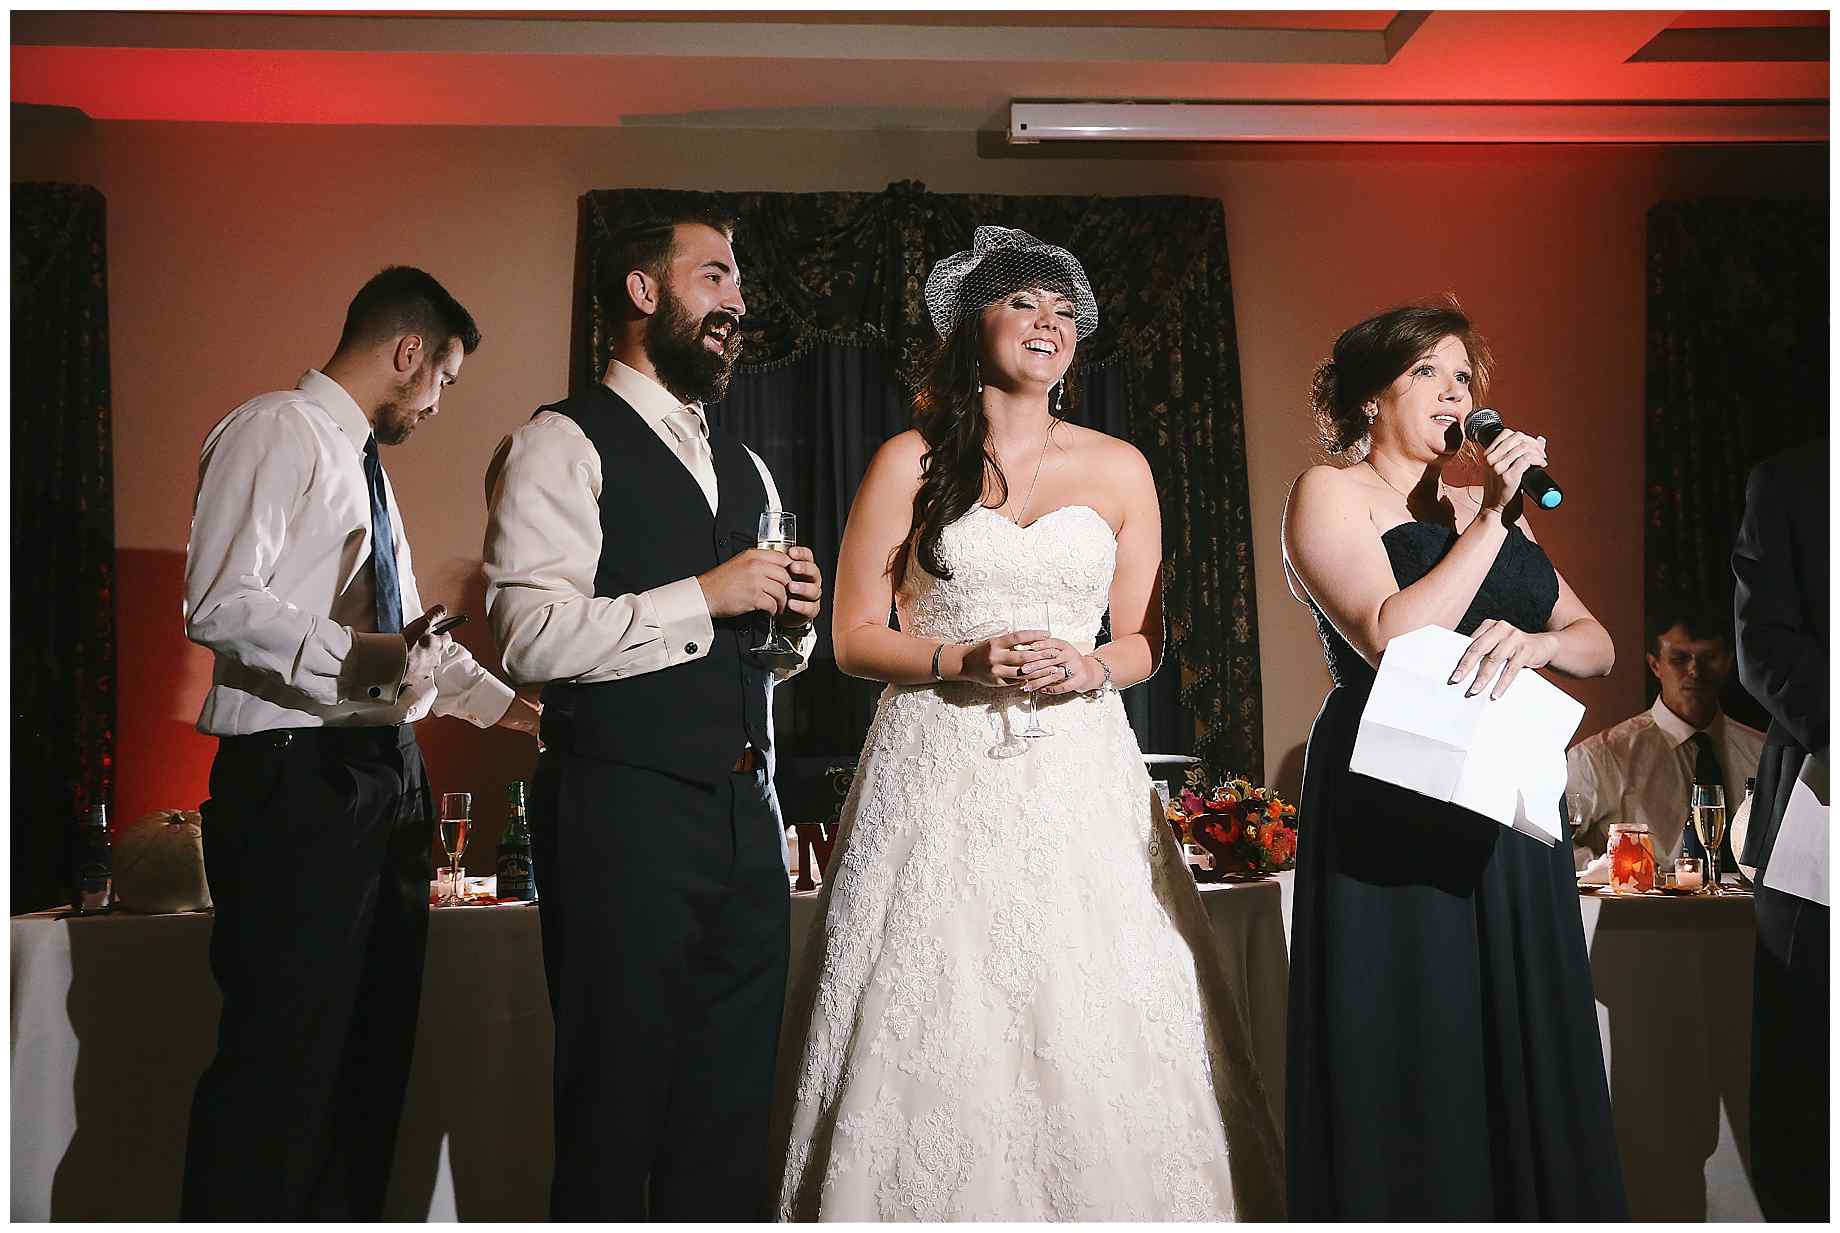 Le-Beaux-Chateau-wedding-photos-030